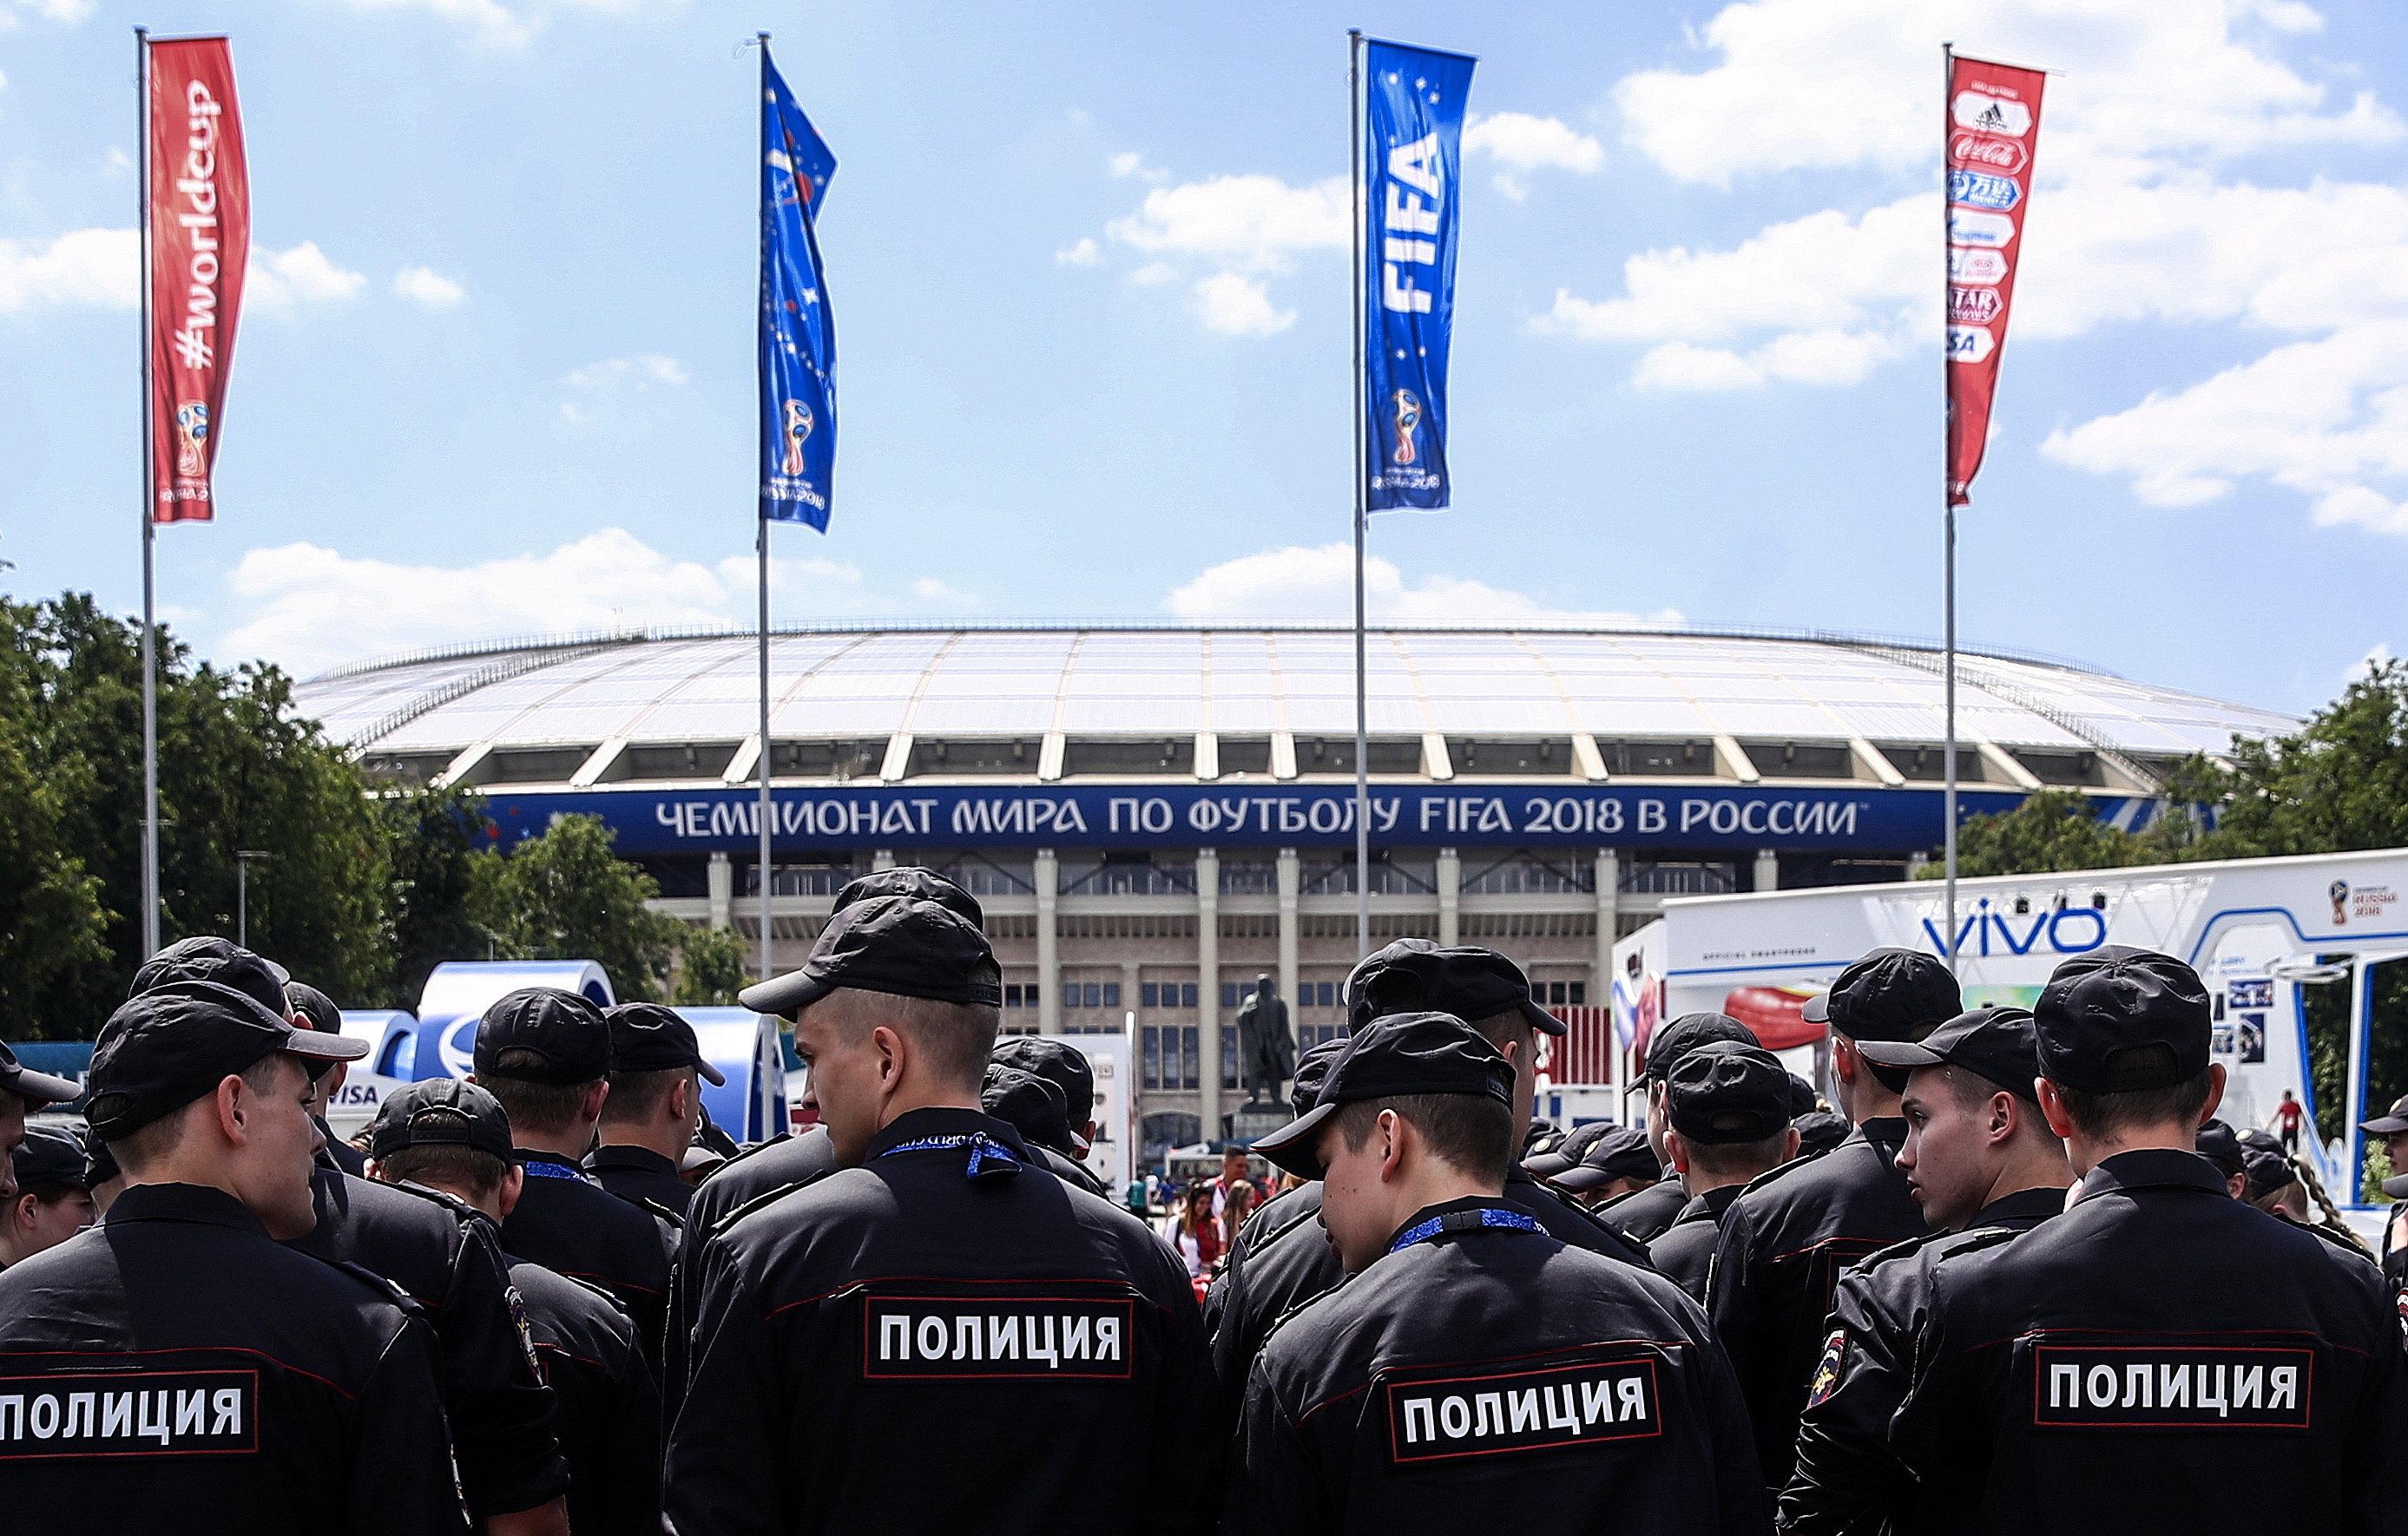 Verbotene Solidarität mit Homosexuellen zur WM: Wie Aktivisten Russlands Polizisten